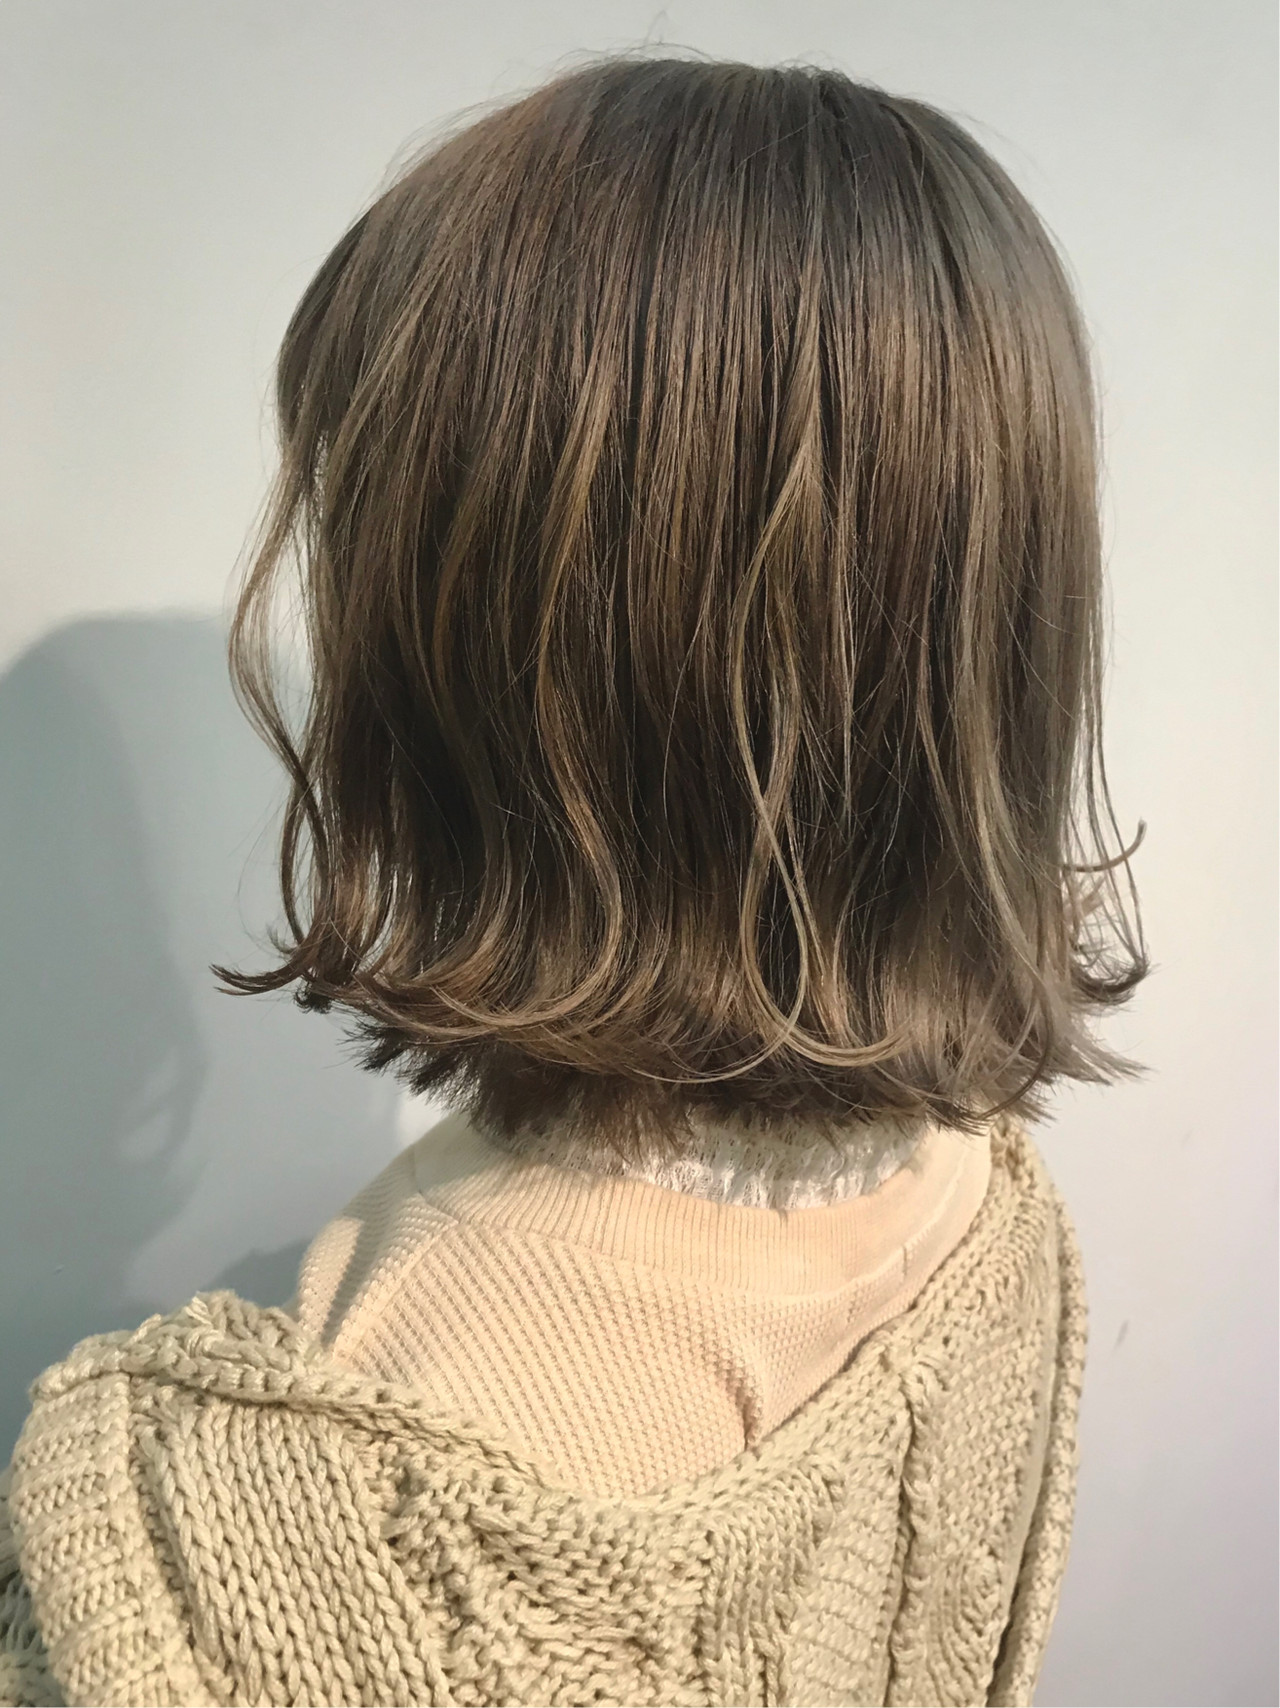 ストリート ハイライト ミニボブ ボブ ヘアスタイルや髪型の写真・画像